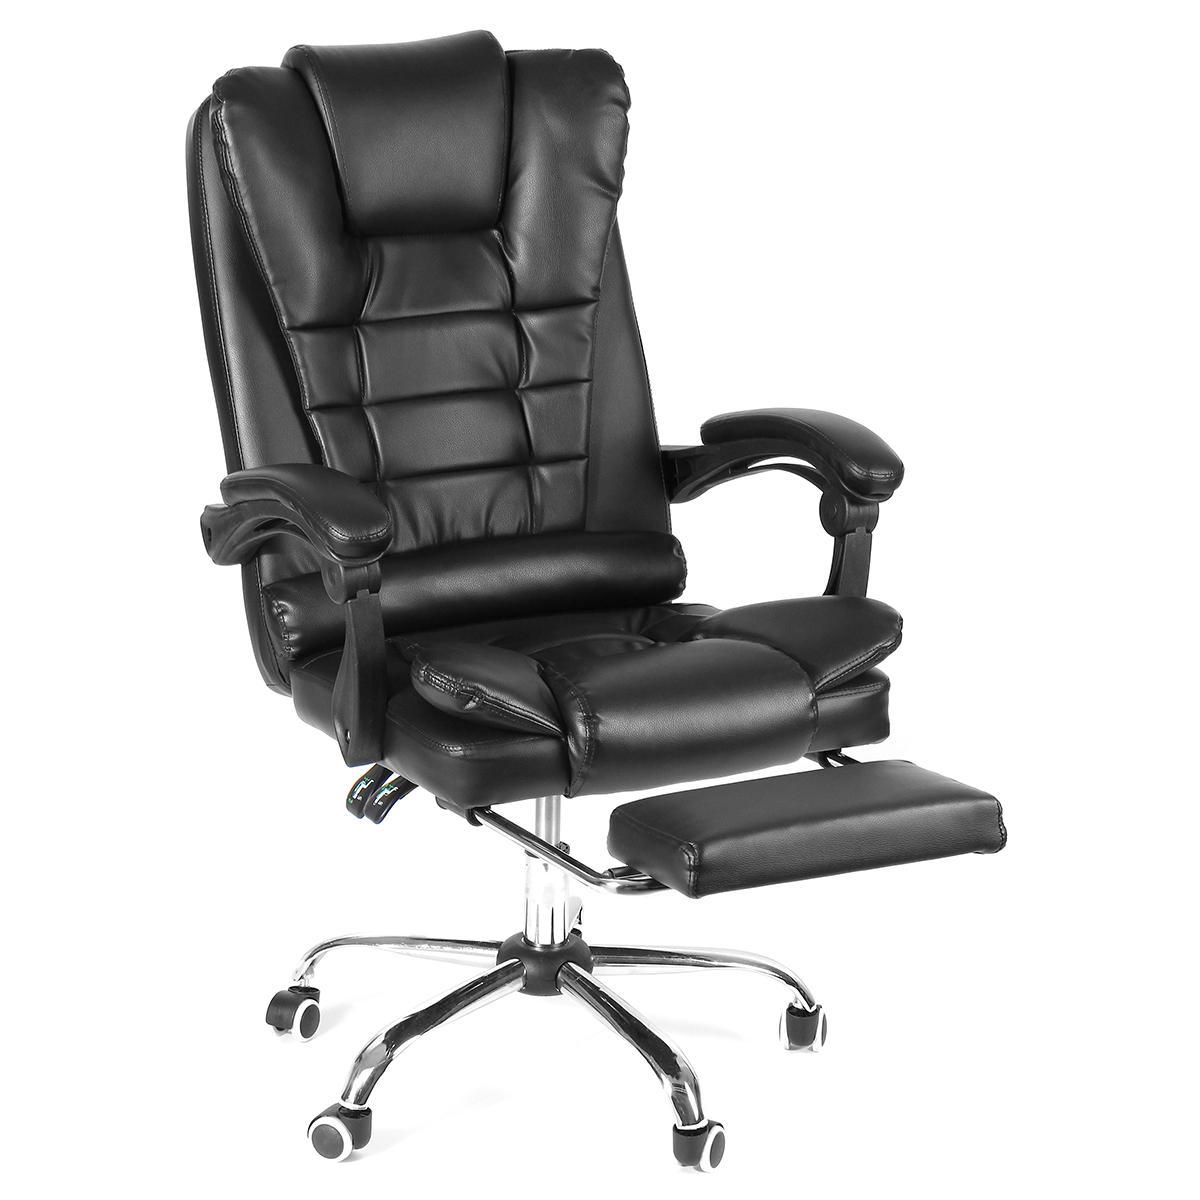 Fotel biurowy z EU za $99.99 / ~394zł